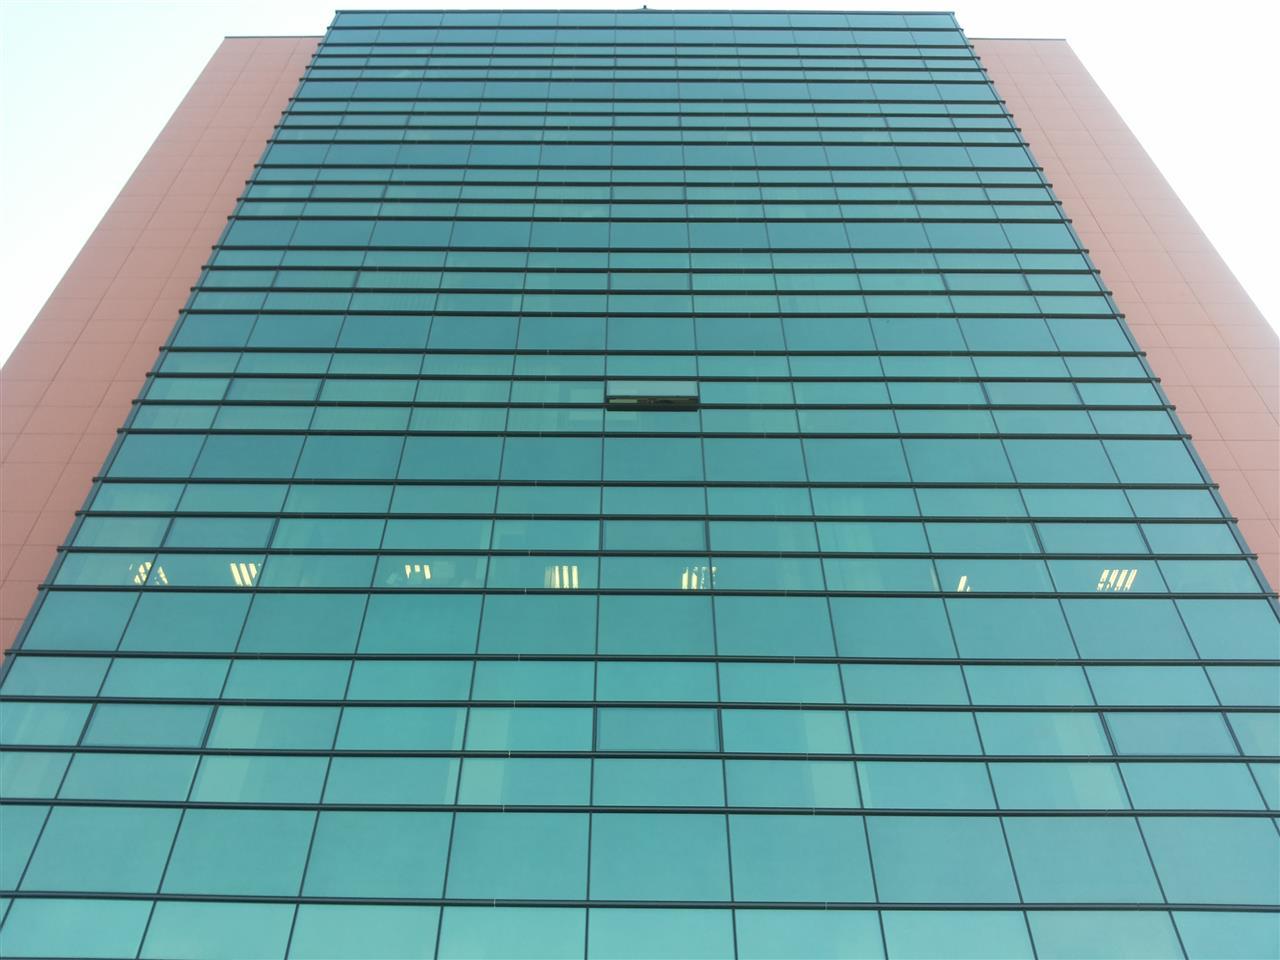 Inchiriere spatii de birouri in Pipera - Integral BC de la 54 mp